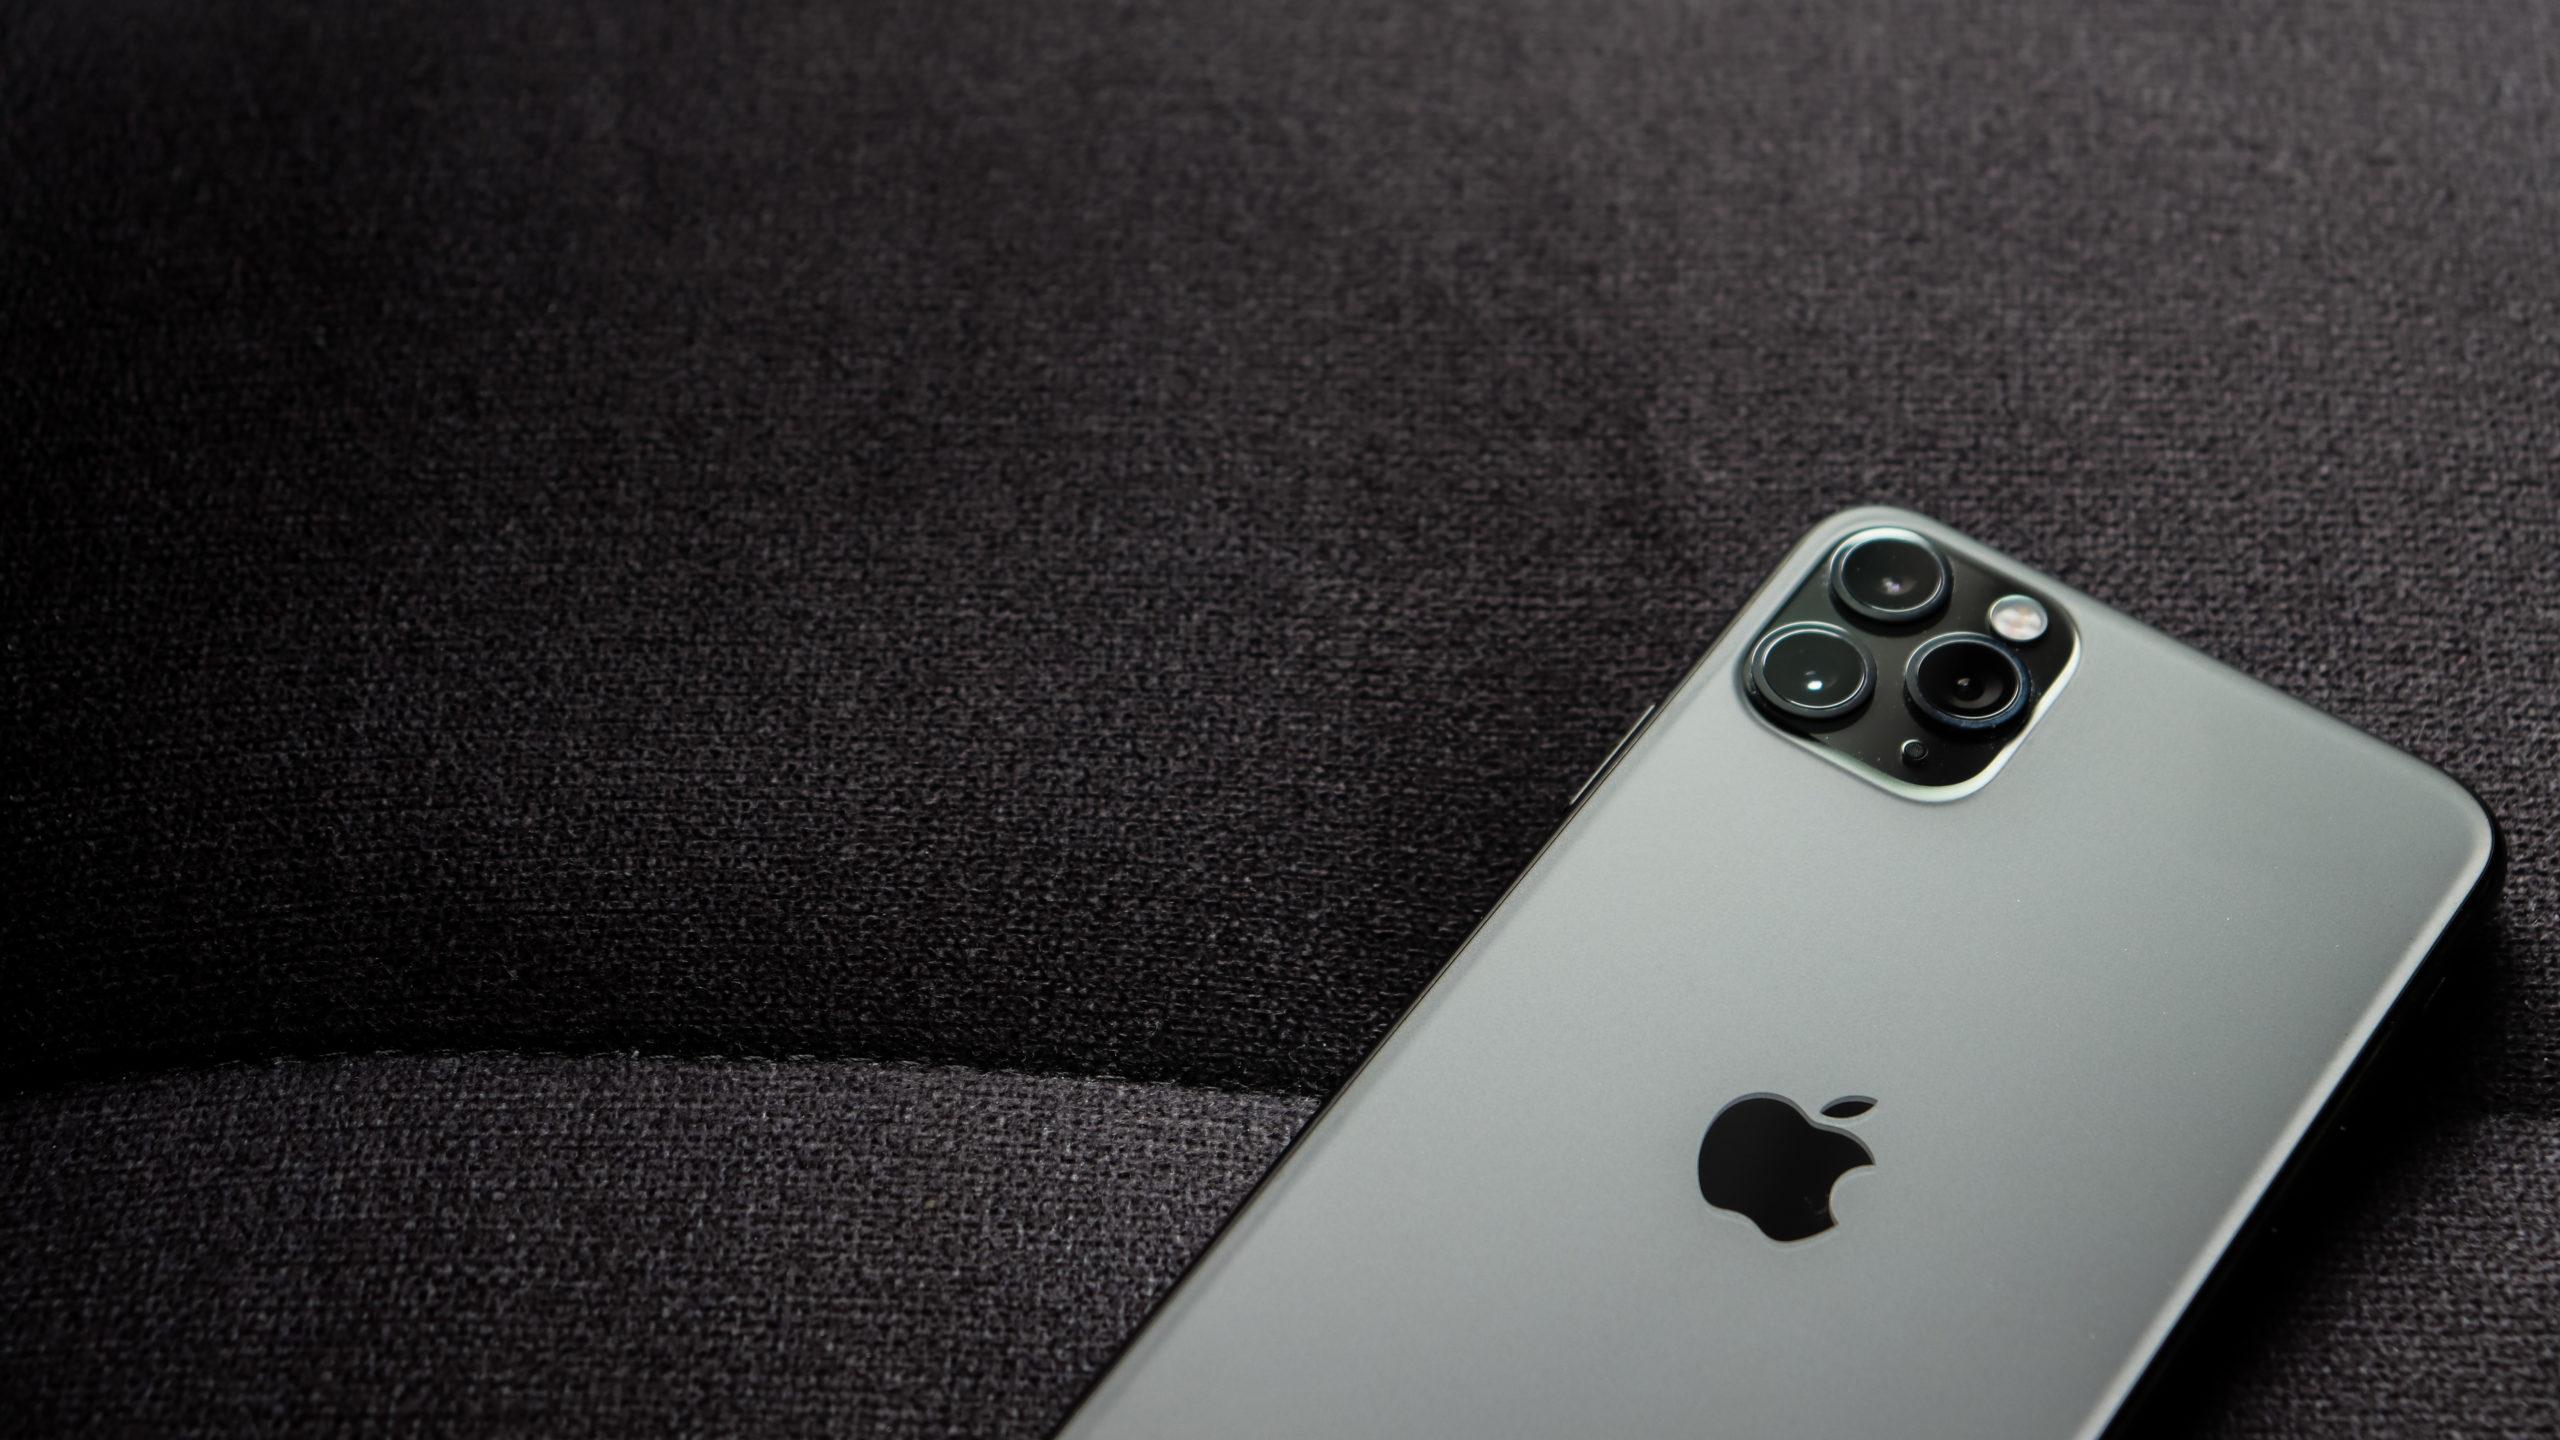 iPhone 12 uscita e costi in Italia: le caratteristiche del nuovo iPhone »  SosTariffe.it